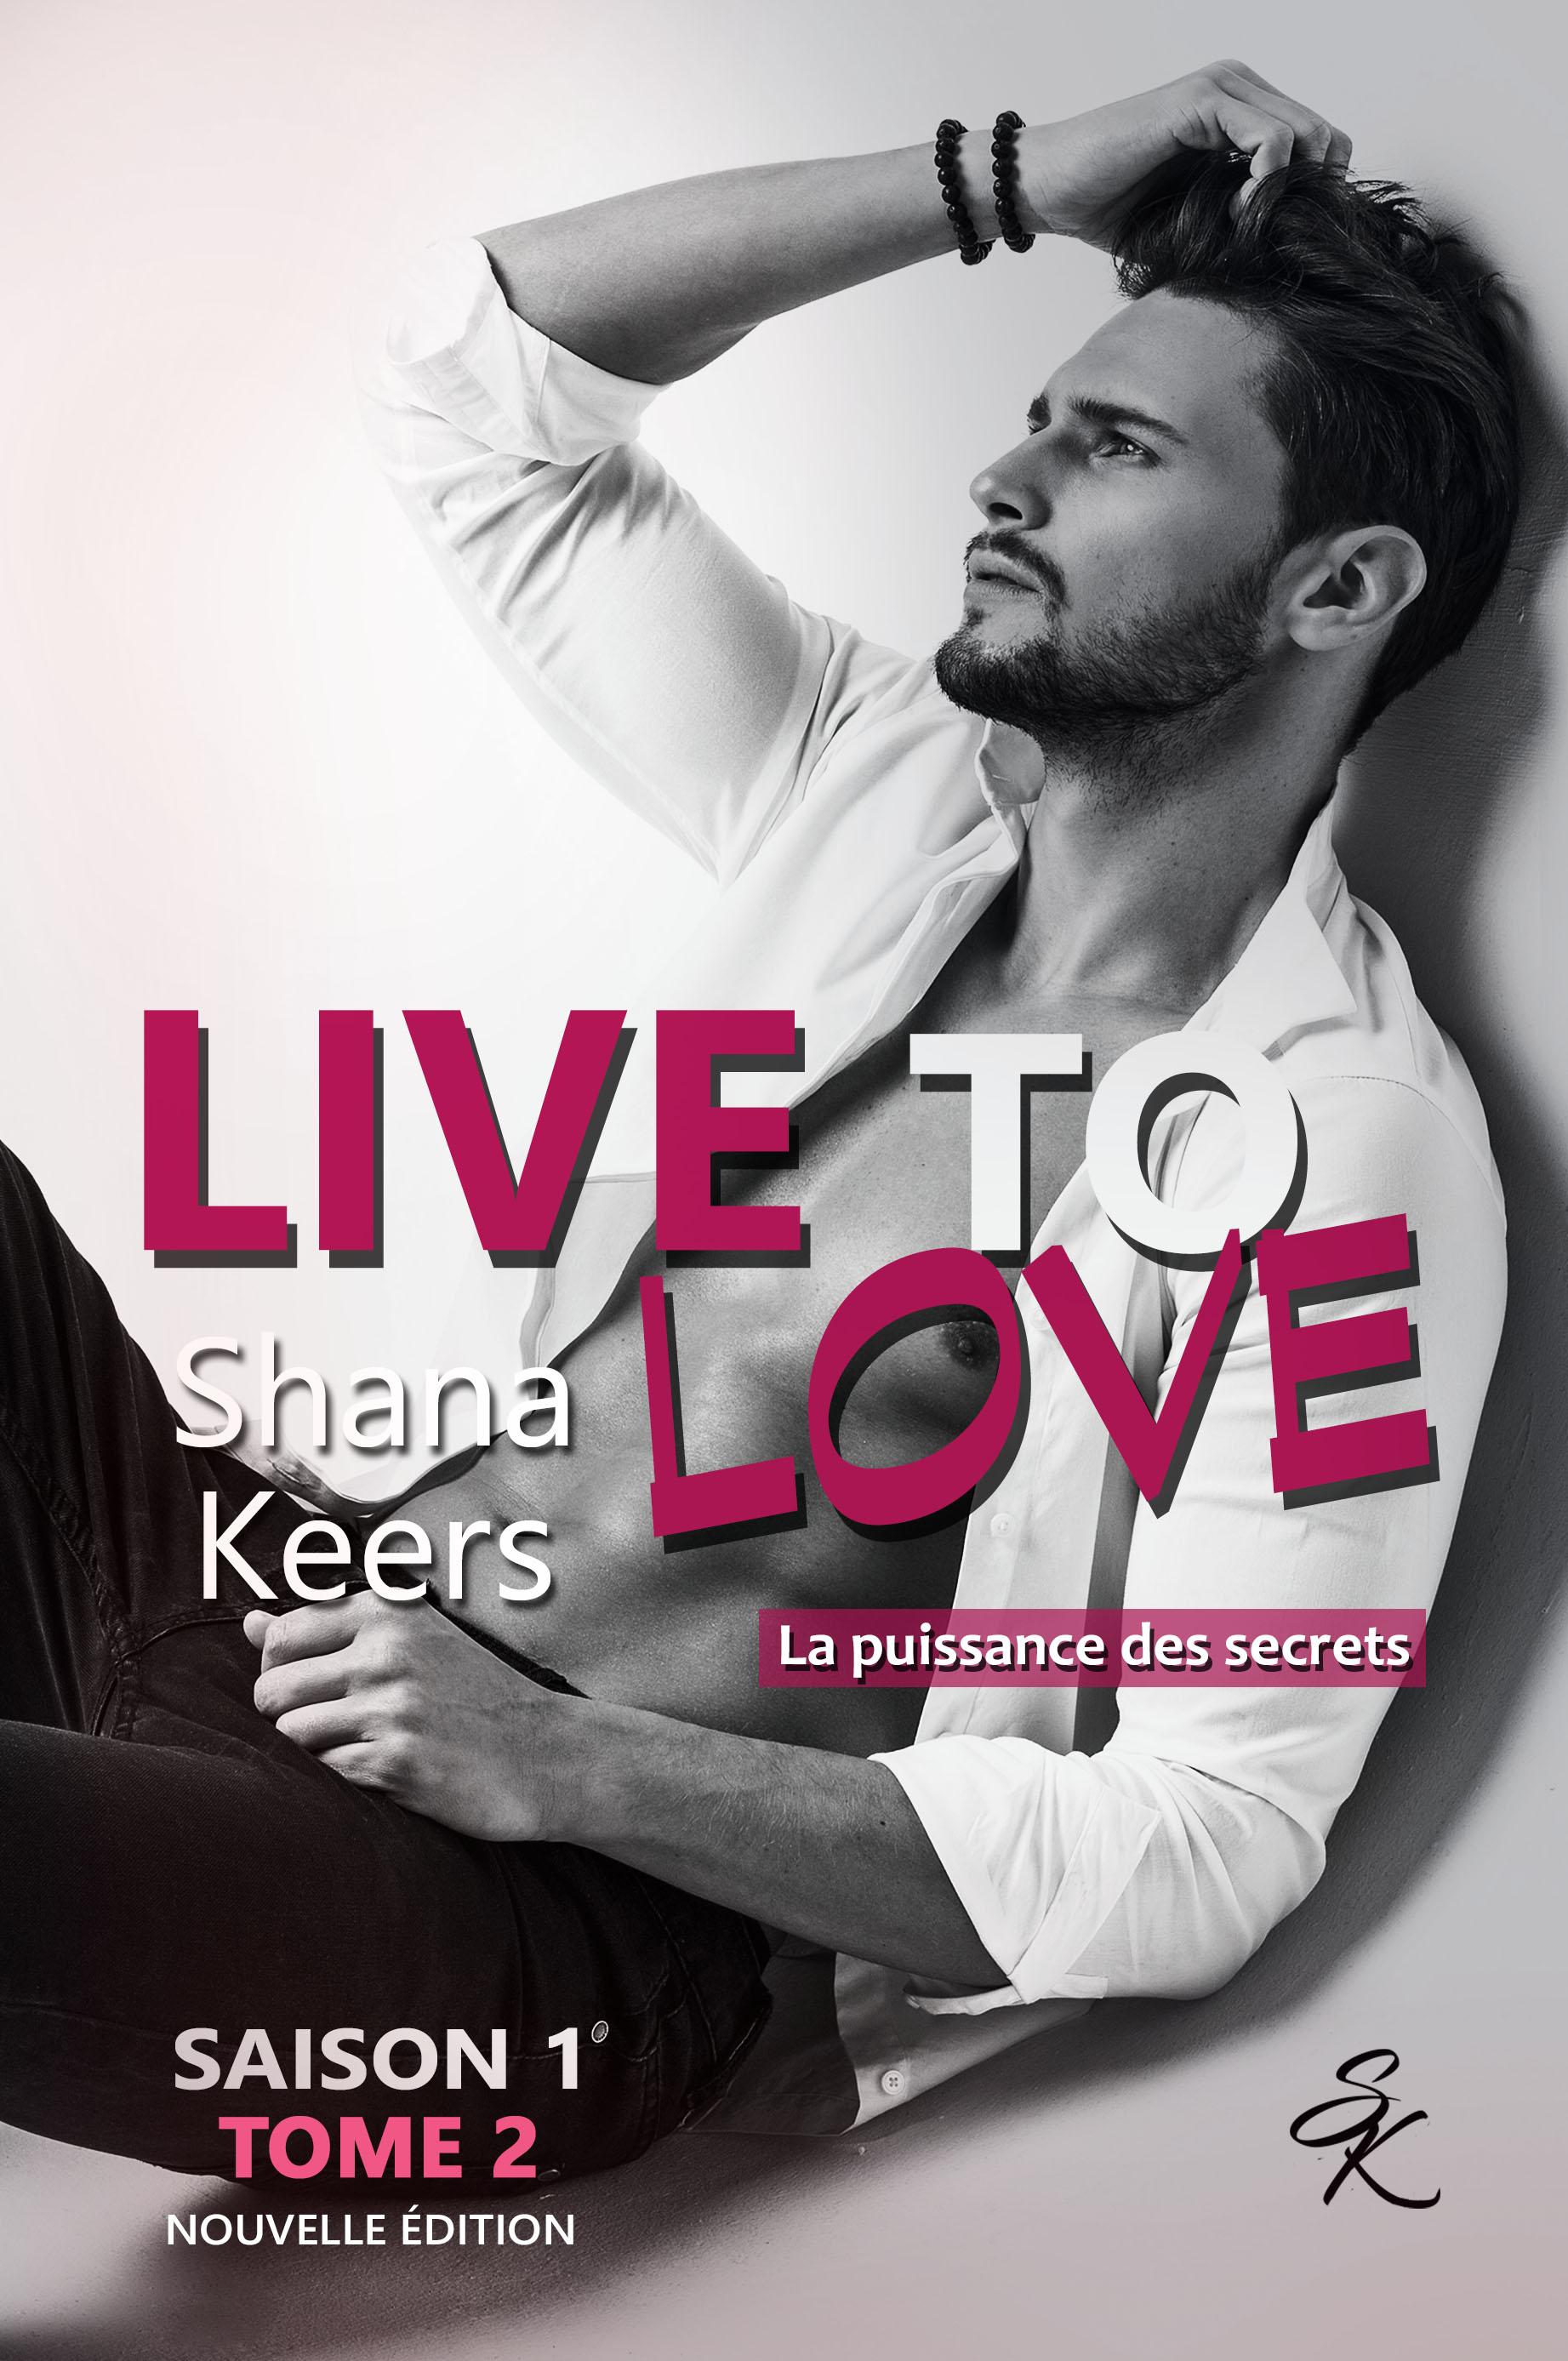 LIVE TO LOVE - Saison 1 - Tome 2 (Nouvelle édition)